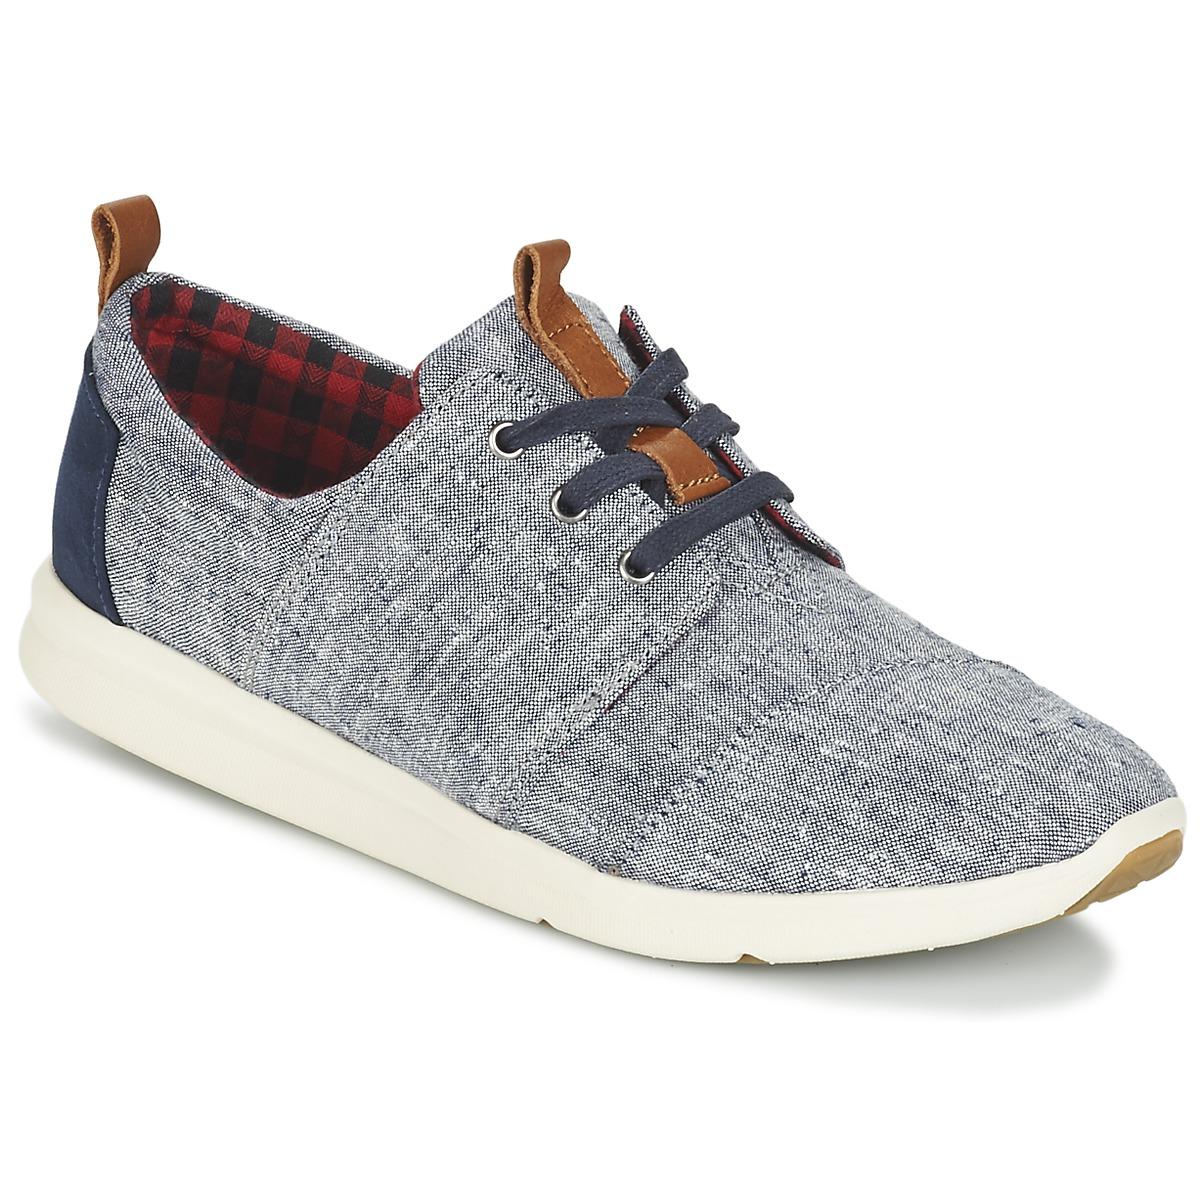 Toms Sneaker DEL REY - broschei